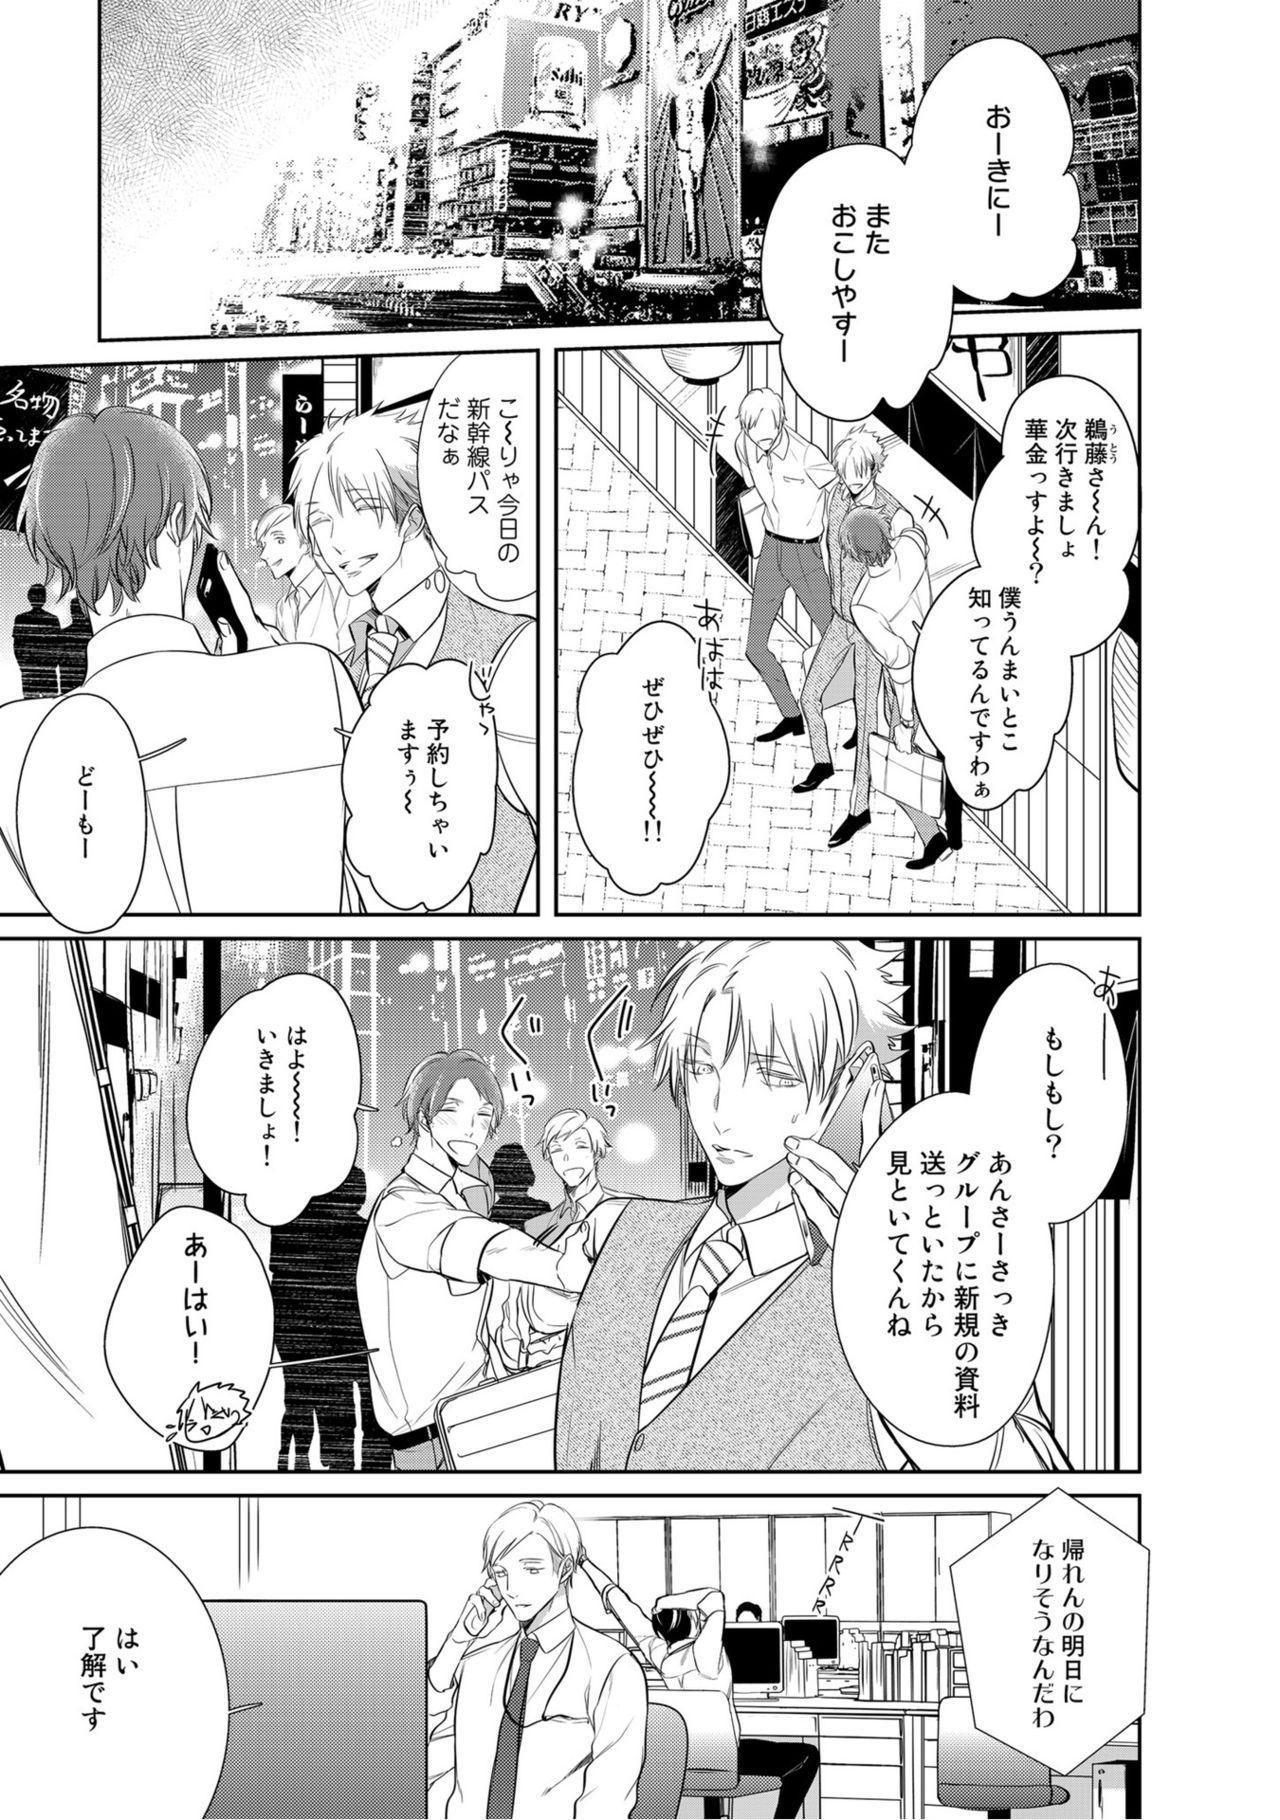 Kurui Naku no wa Boku no Ban ~ vol.2 128